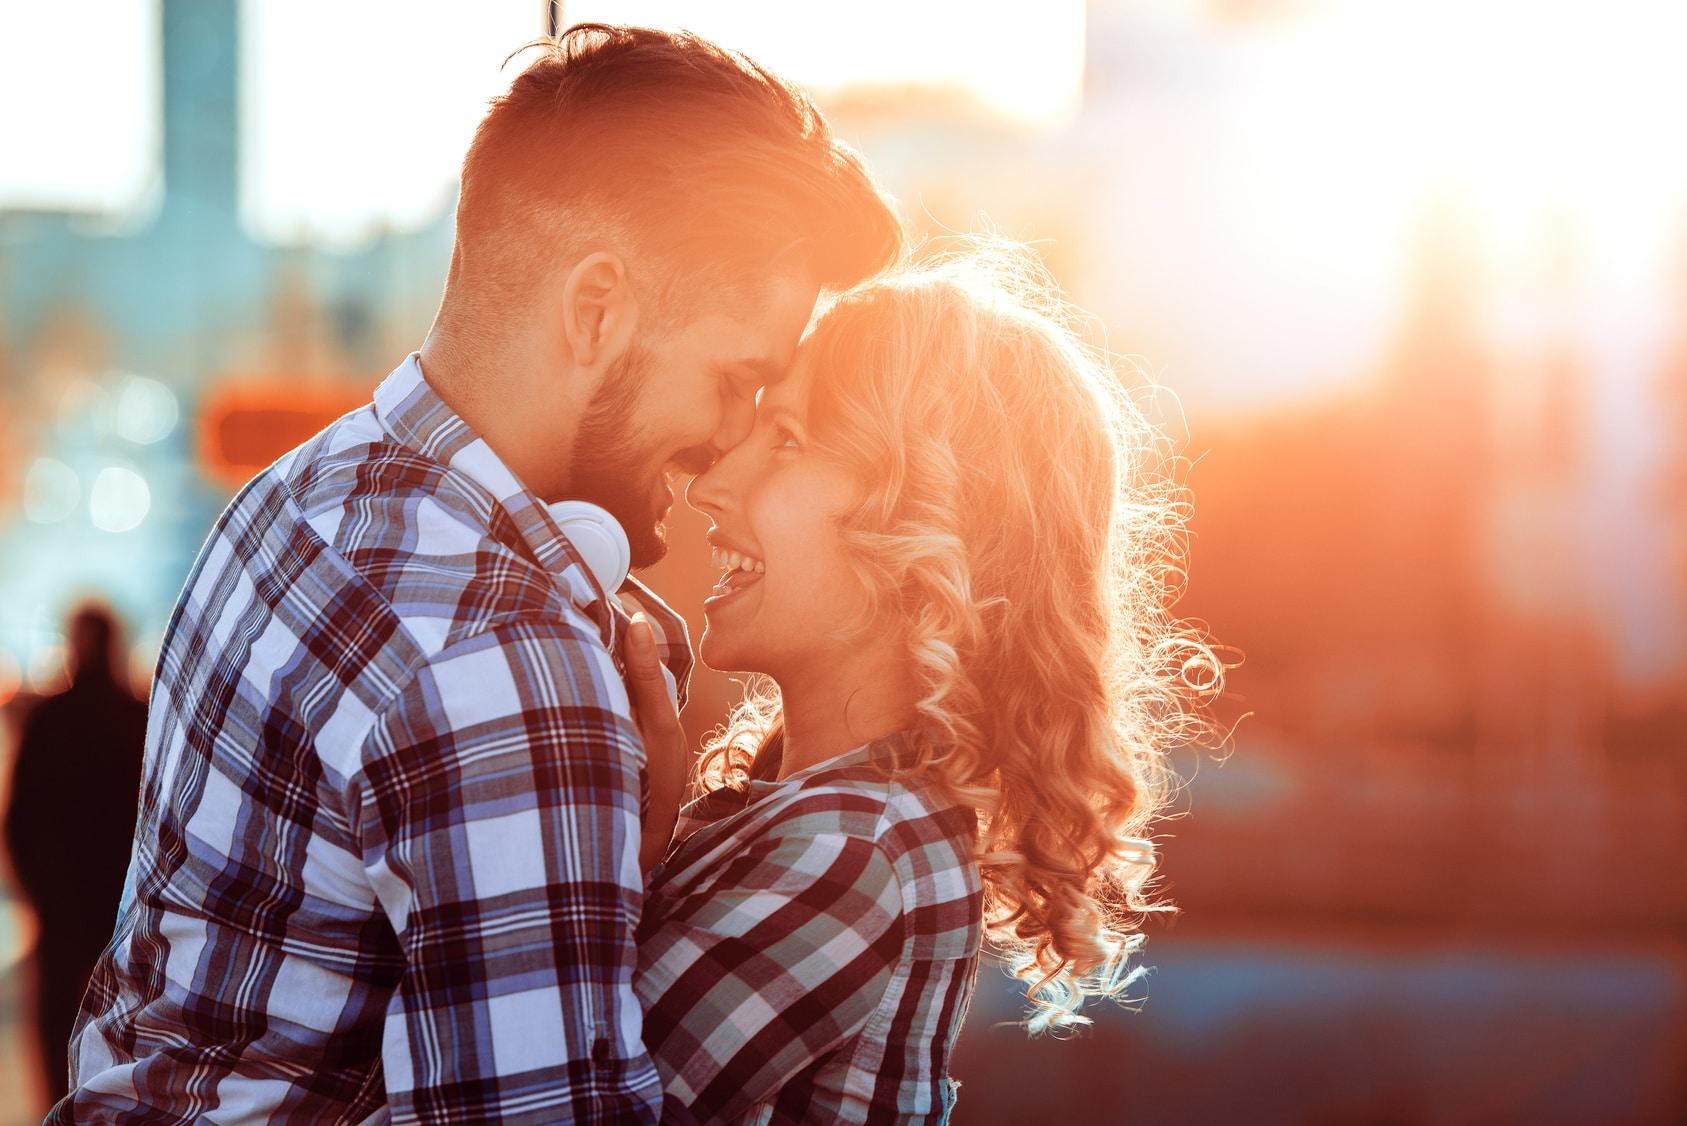 Ein Liebespaar trifft sich auf einer Strasse und umarmen sich sehr glücklich. Sie wirken sehr Selbstbewusst, weil beide mit dem Programm der unibee Institute eine gute Lebensbalance erreicht haben. Beide sind bekleidet mit rot, blau, schwarz und weiss karrierten Hemd. Der Mann hat kurze braune Haare und einen 3 Tage Bart und die Frau hat lange gelockte blonde Haare. Im Hintergrund ist ein rötlicher Sonnenuntergang zu sehen.